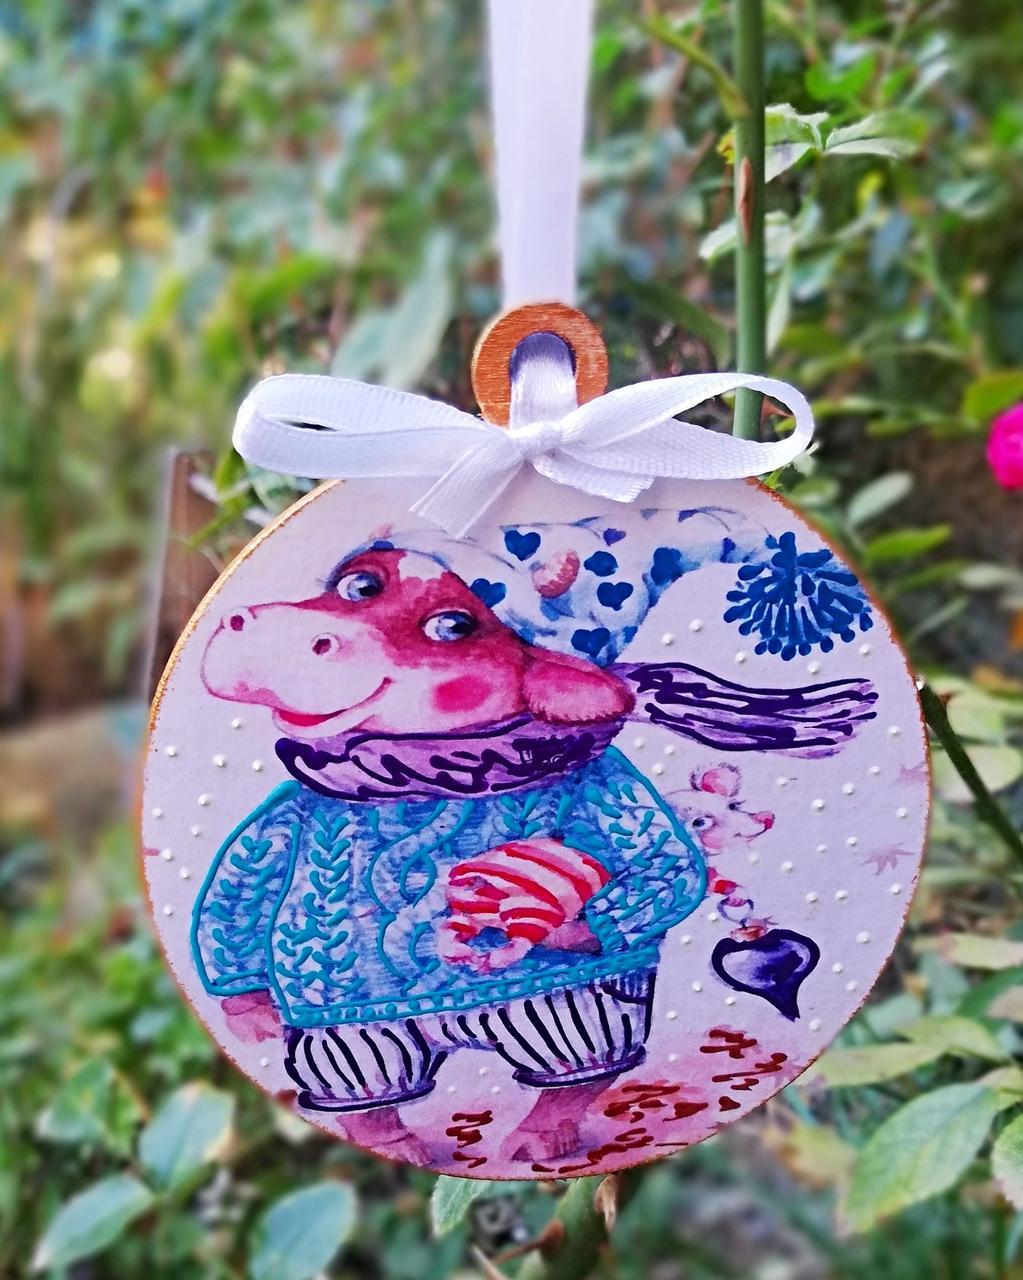 Елочная игрушка Okl Год быка 9.5 см разноцветная РР 106